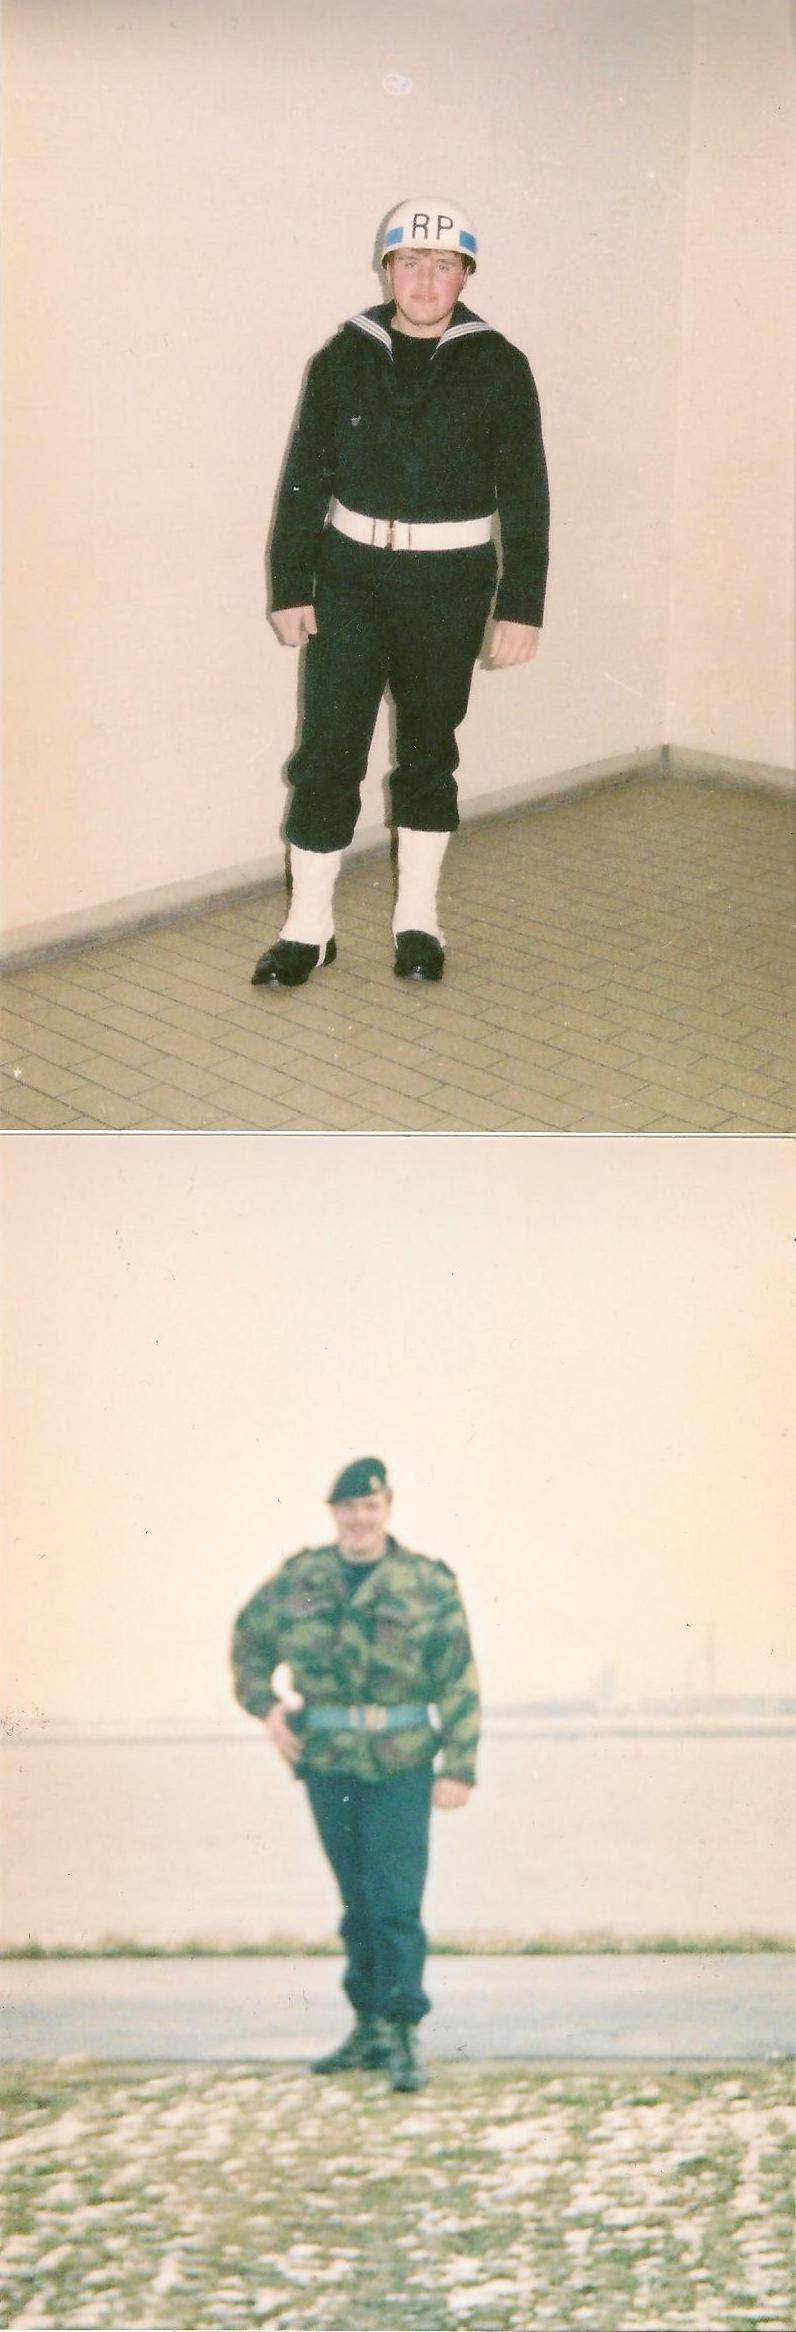 retrouvé des photos de mon service militaire  12100309360215458210392595